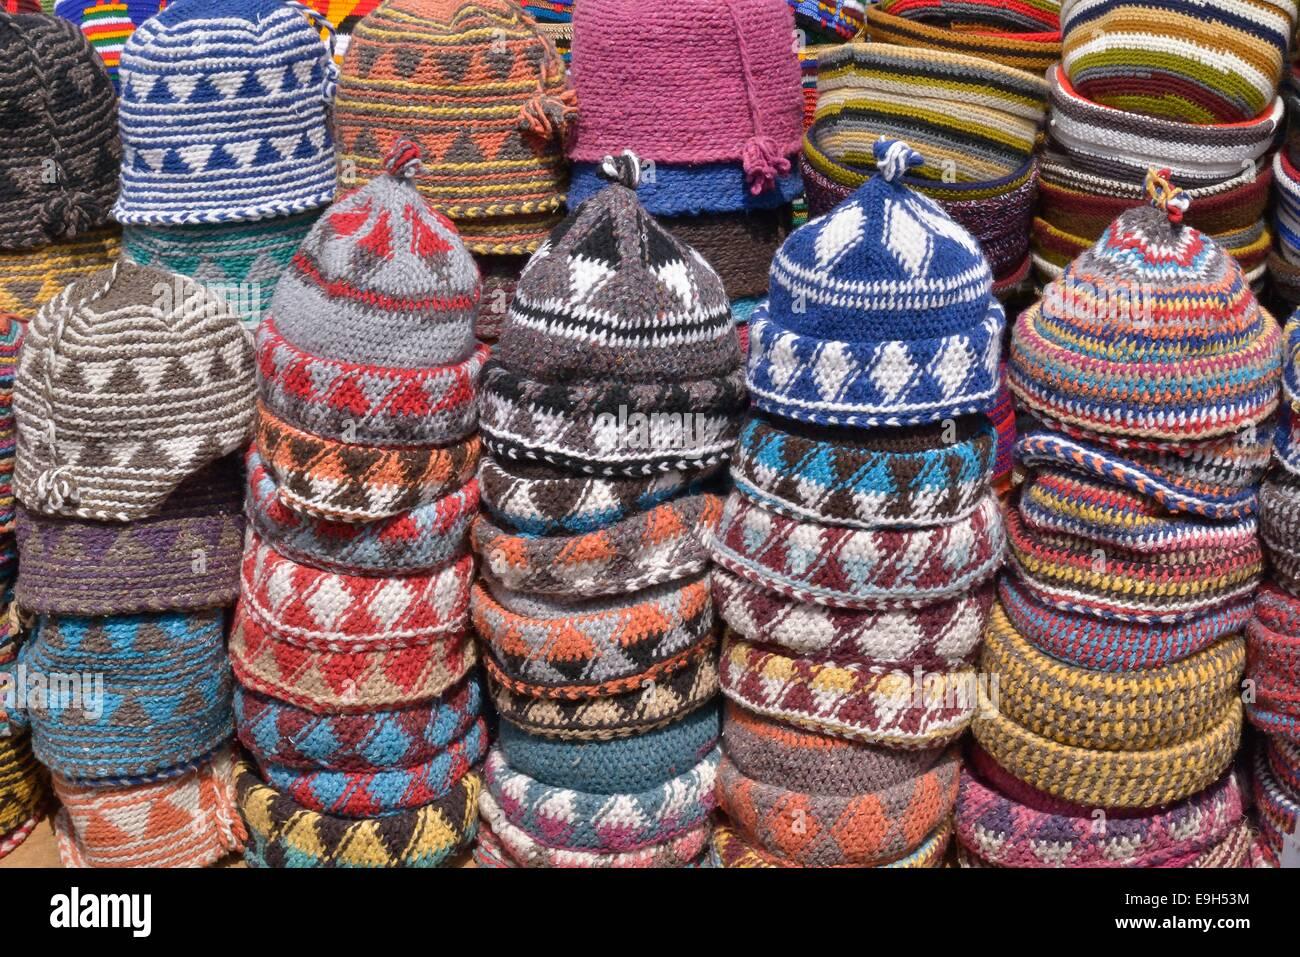 Woollen caps on sale in the souks, market, Marrakech, Marrakesh-Tensift-El Haouz region, Morocco - Stock Image